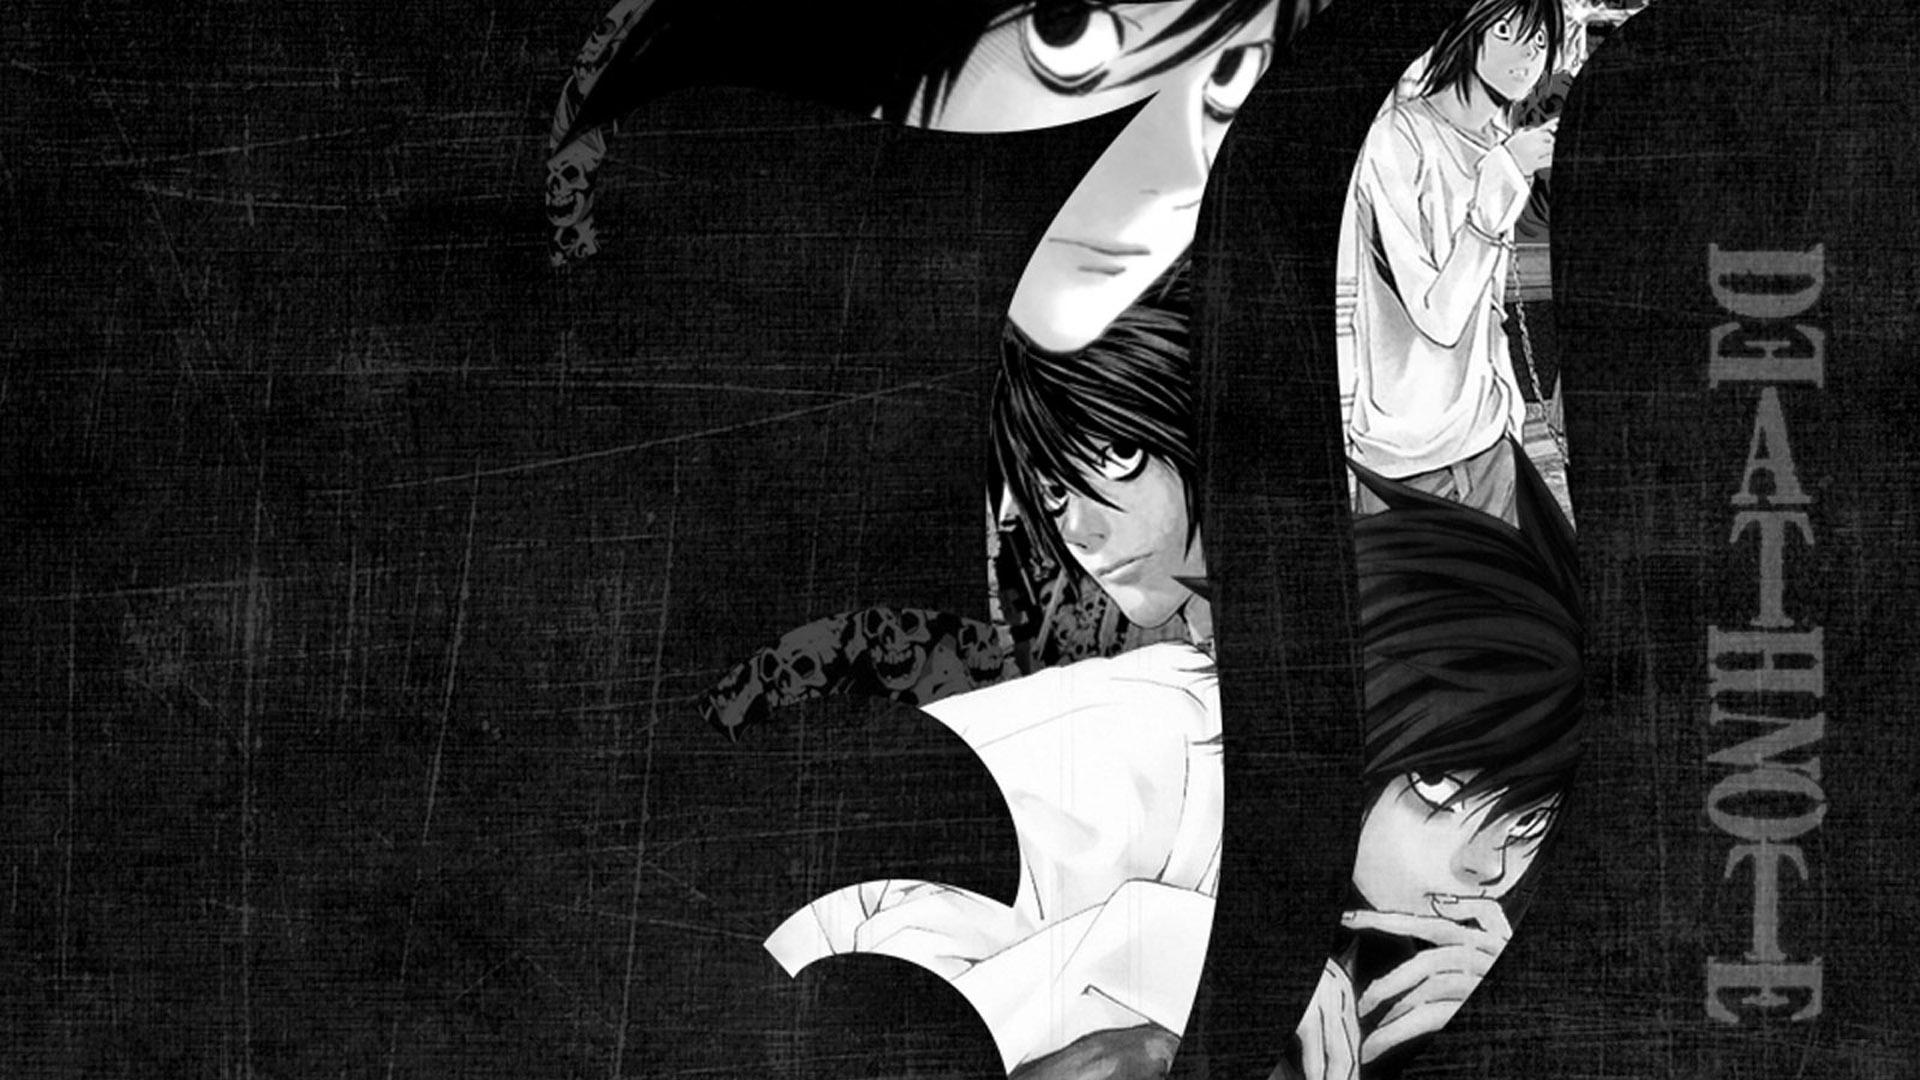 L Death Note Hd Wallpaper  22 Widescreen Wallpaper